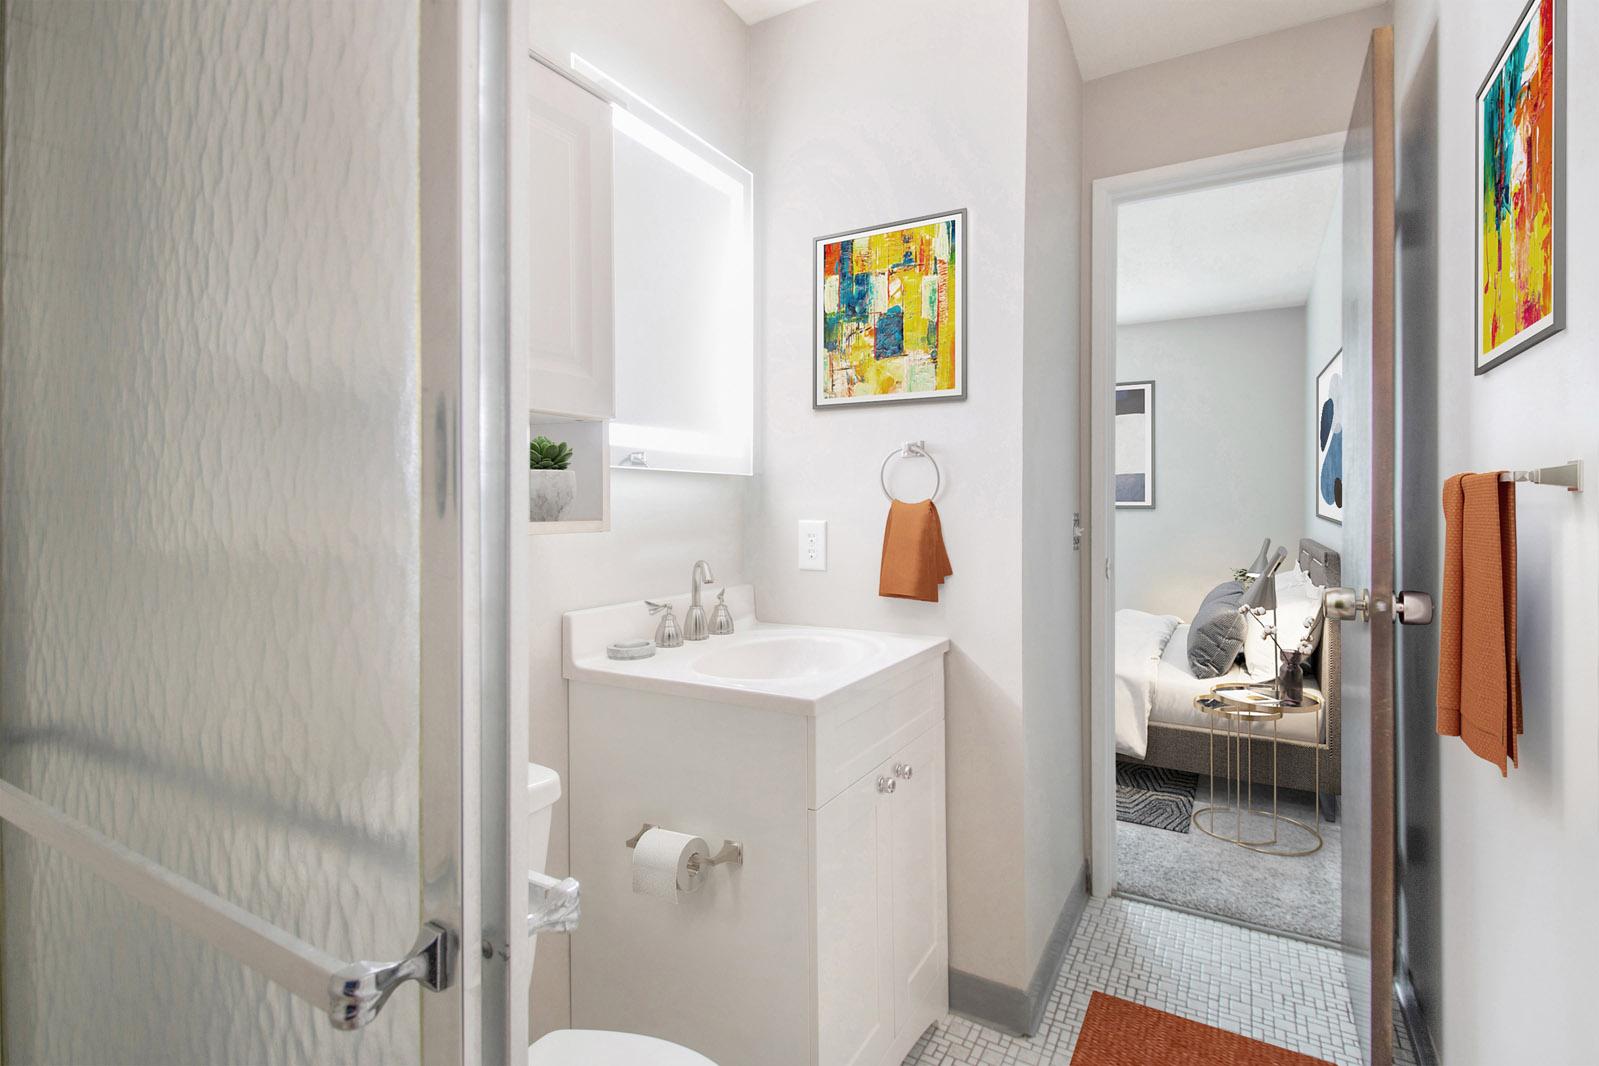 Full-Size Bathrooms at Pinehill Park in Bellevue, Nebraska